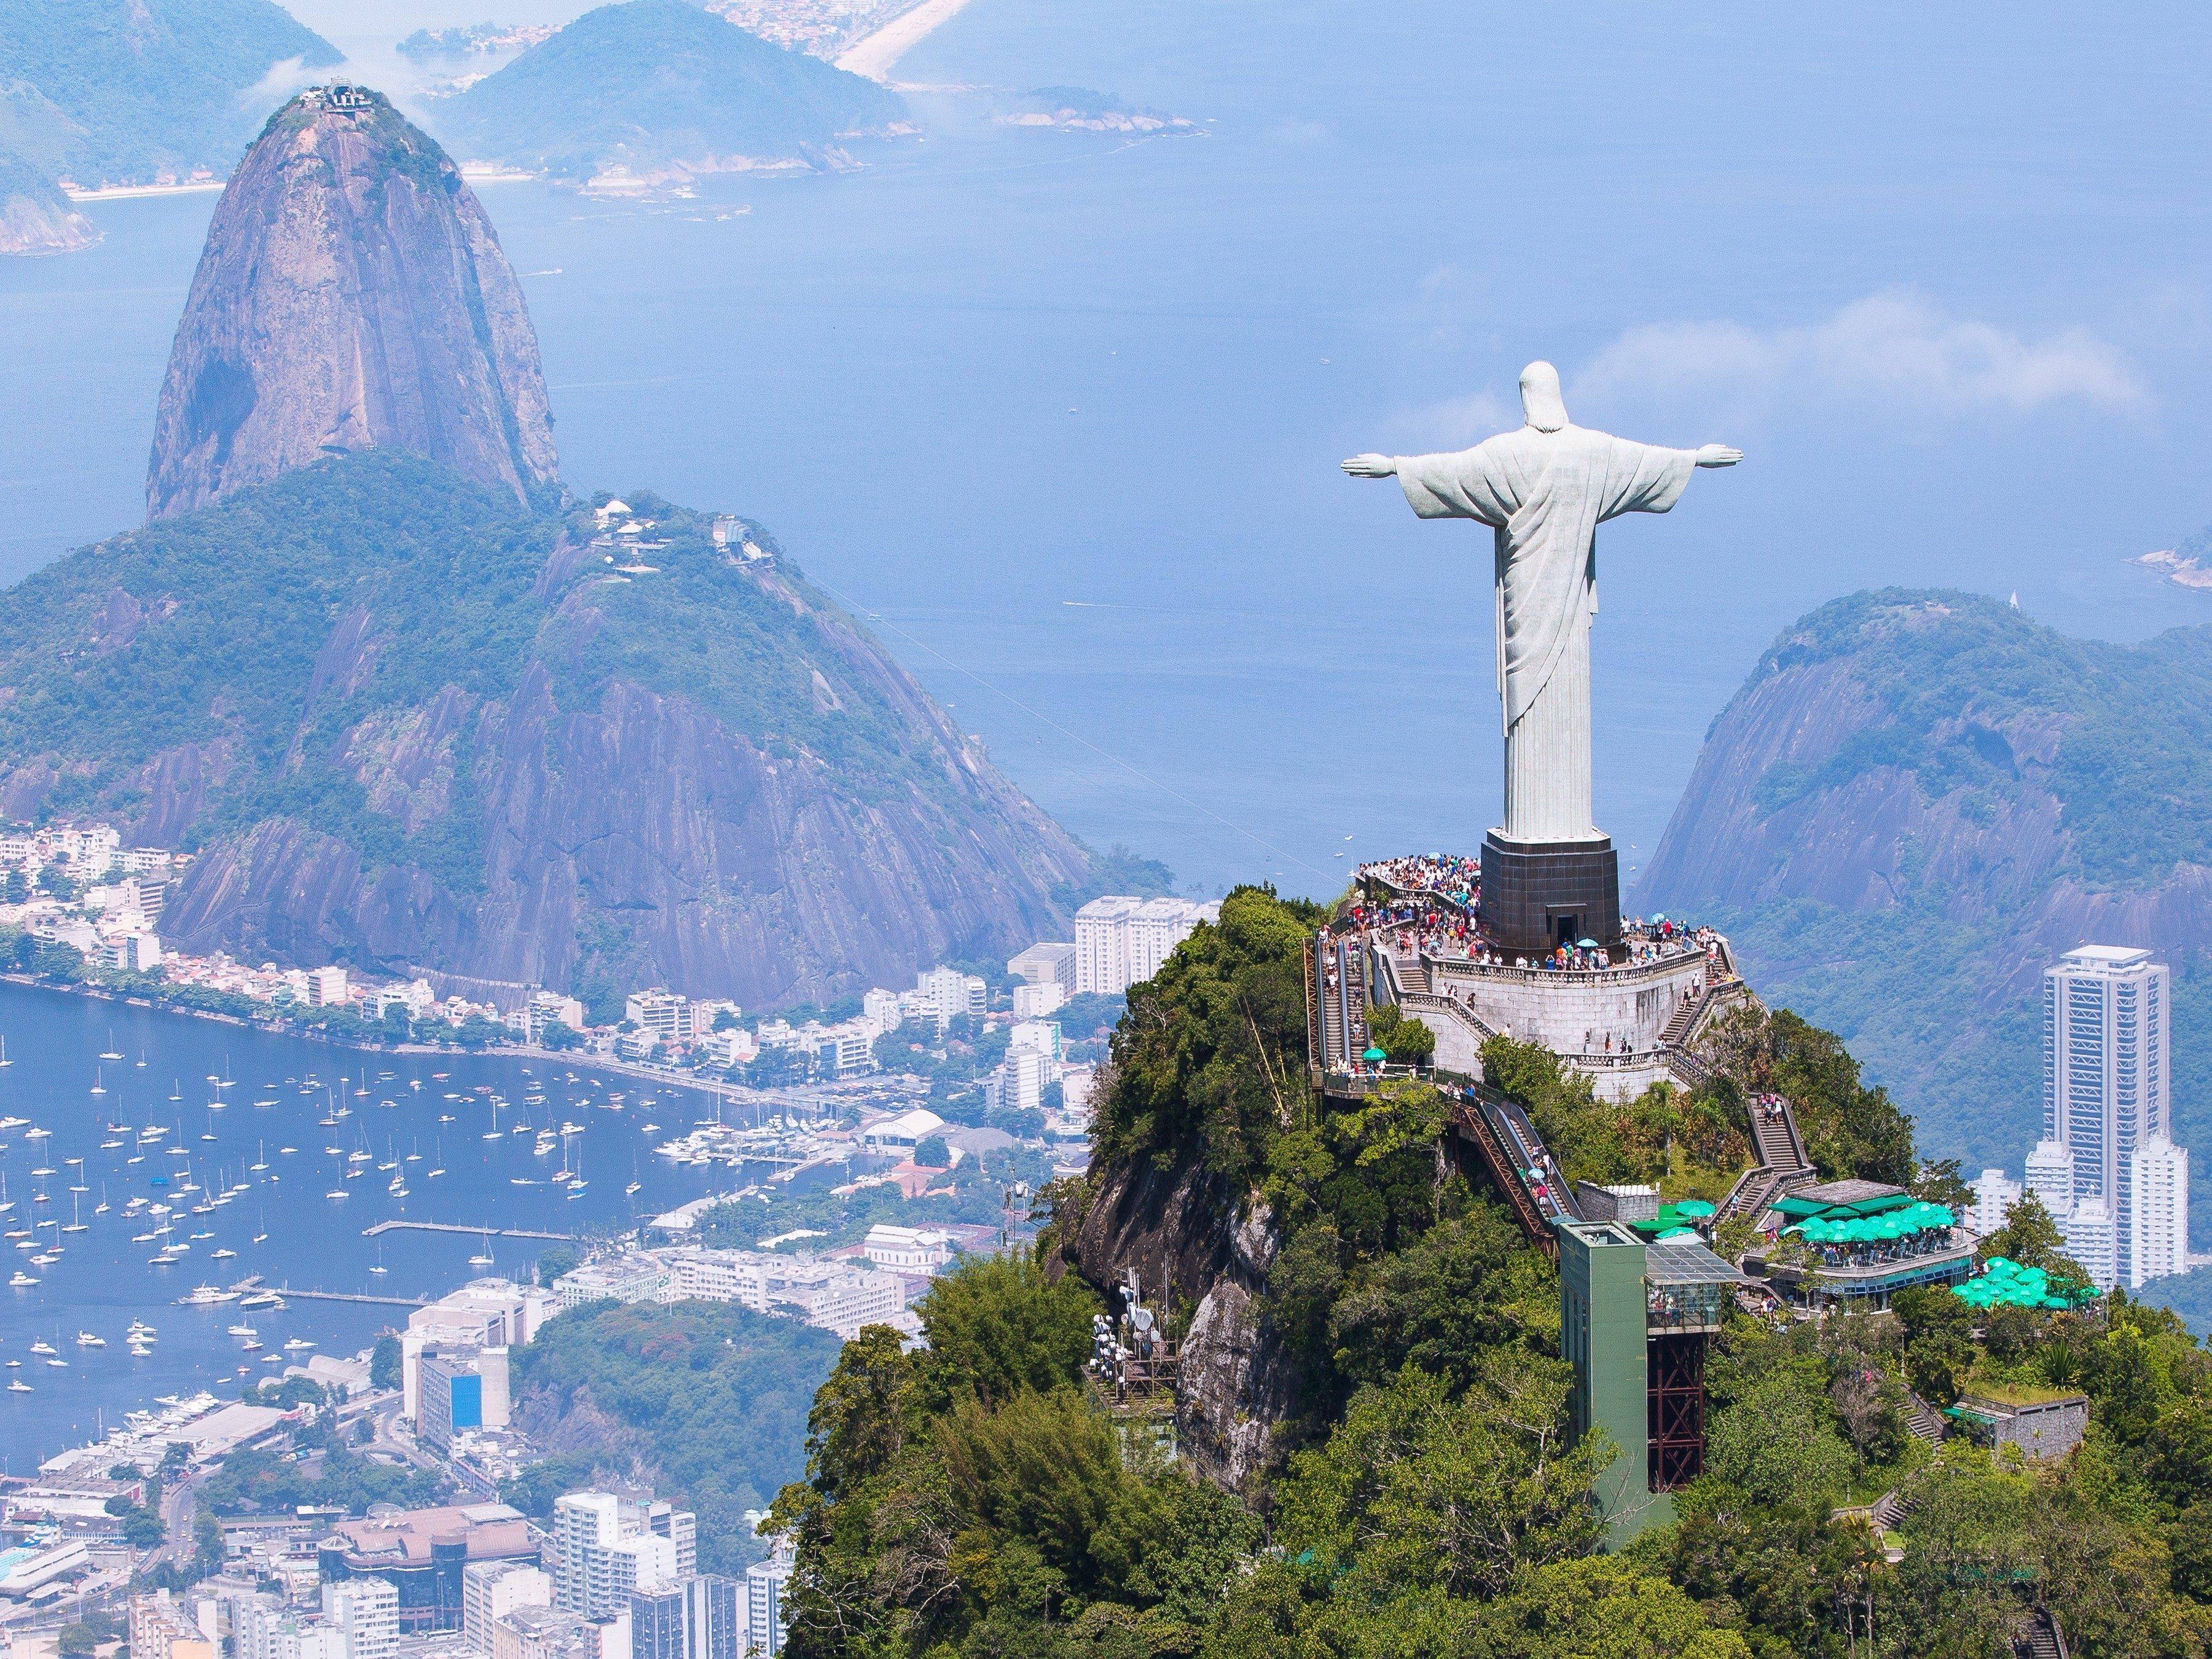 7. Brazil